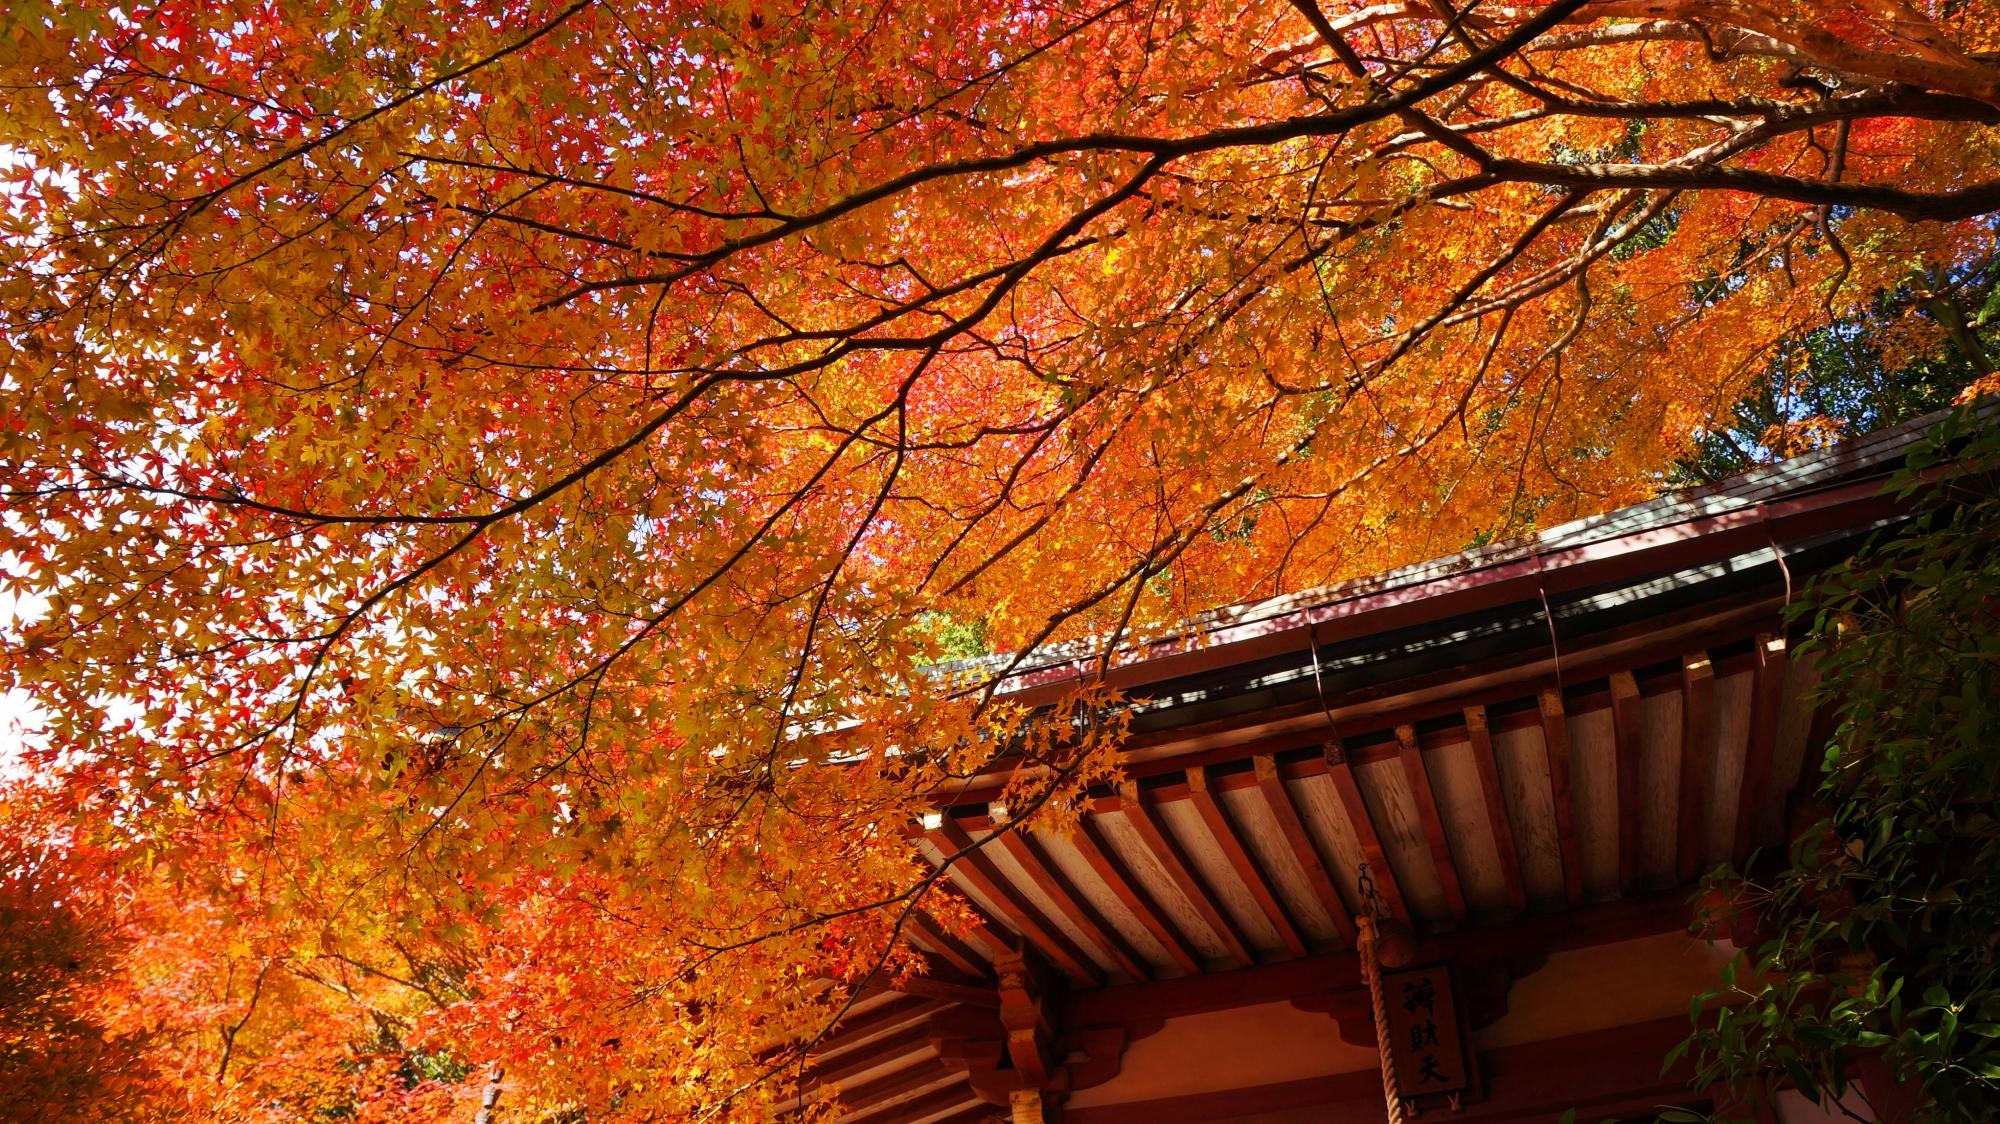 毘沙門堂のオレンジ色の煌く紅葉